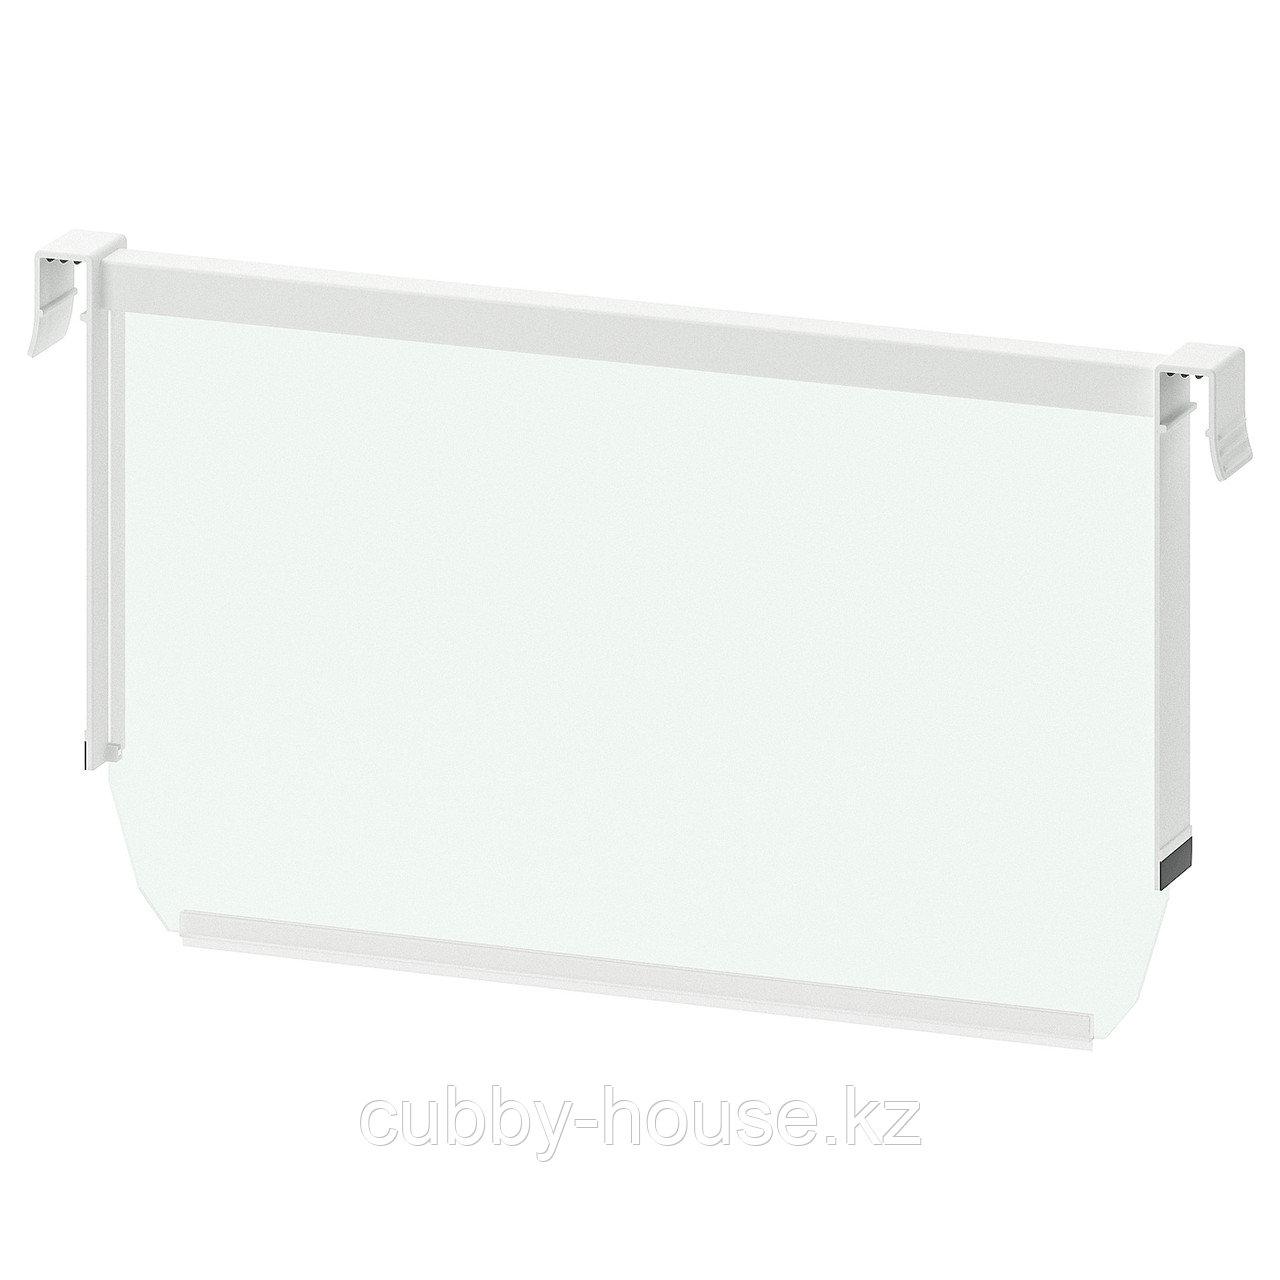 МАКСИМЕРА Разделить д/высокого ящика, белый, прозрачный, 80 см